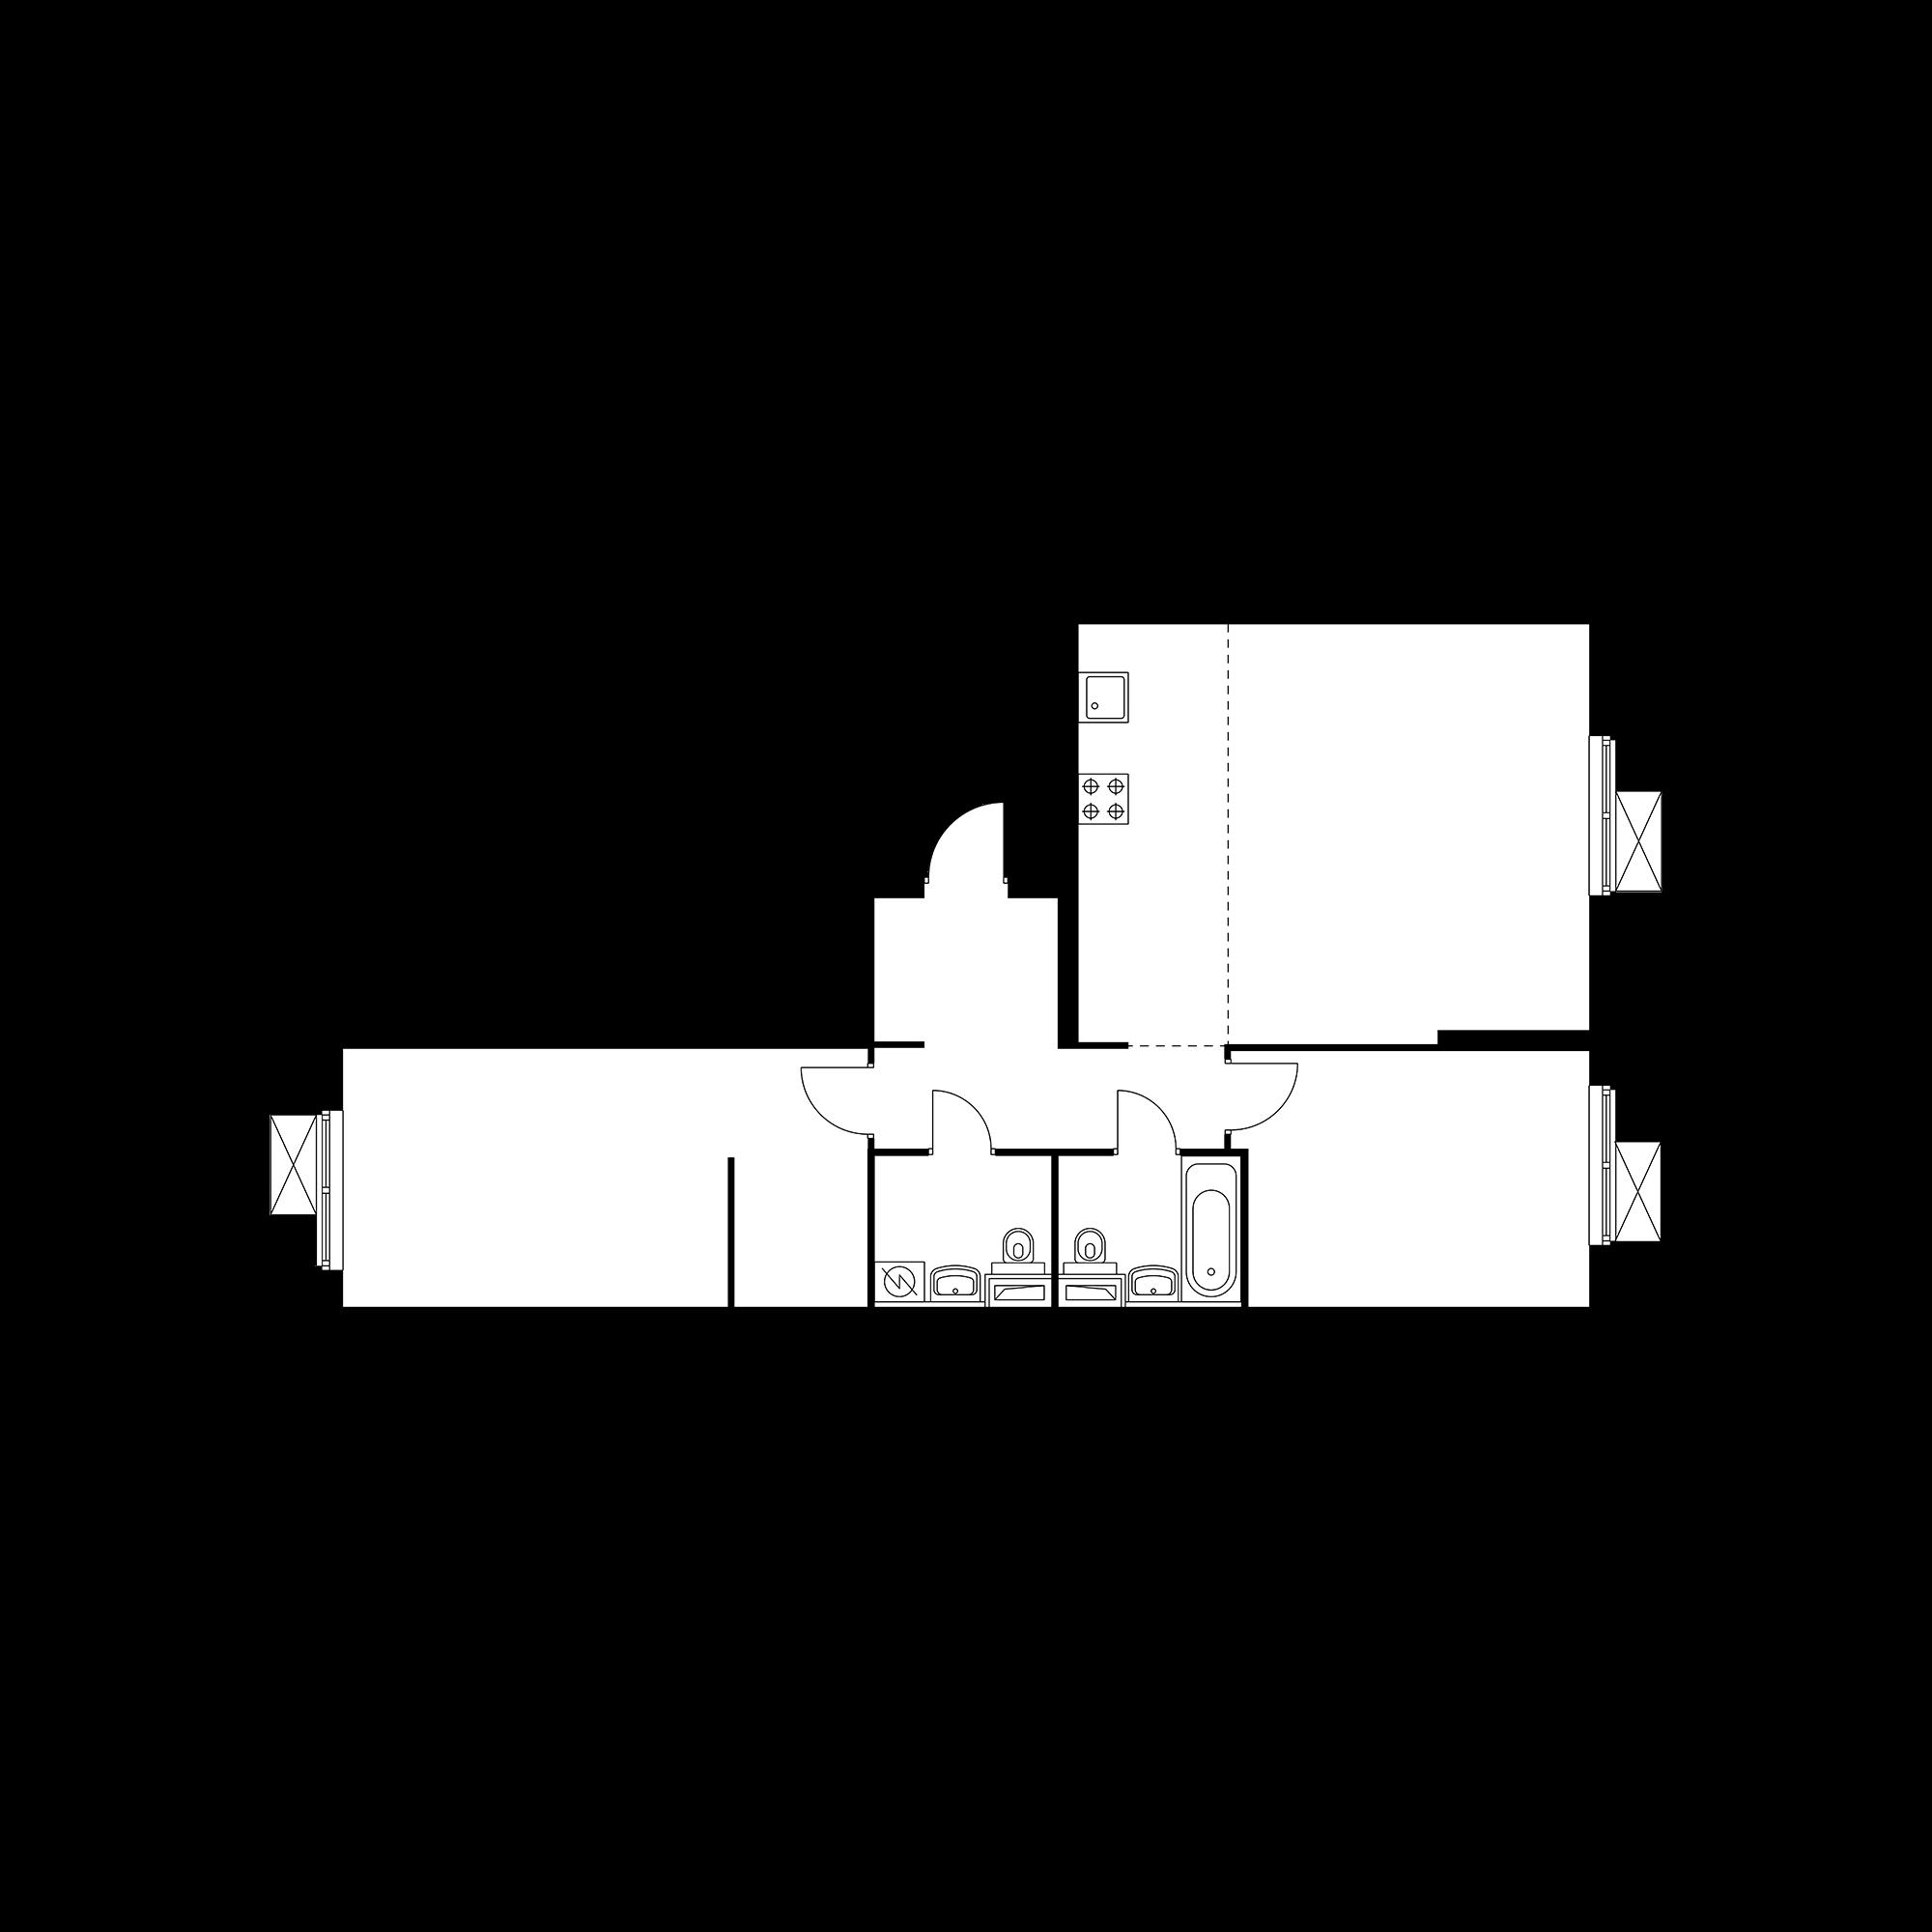 3-комнатная 78.84  м²